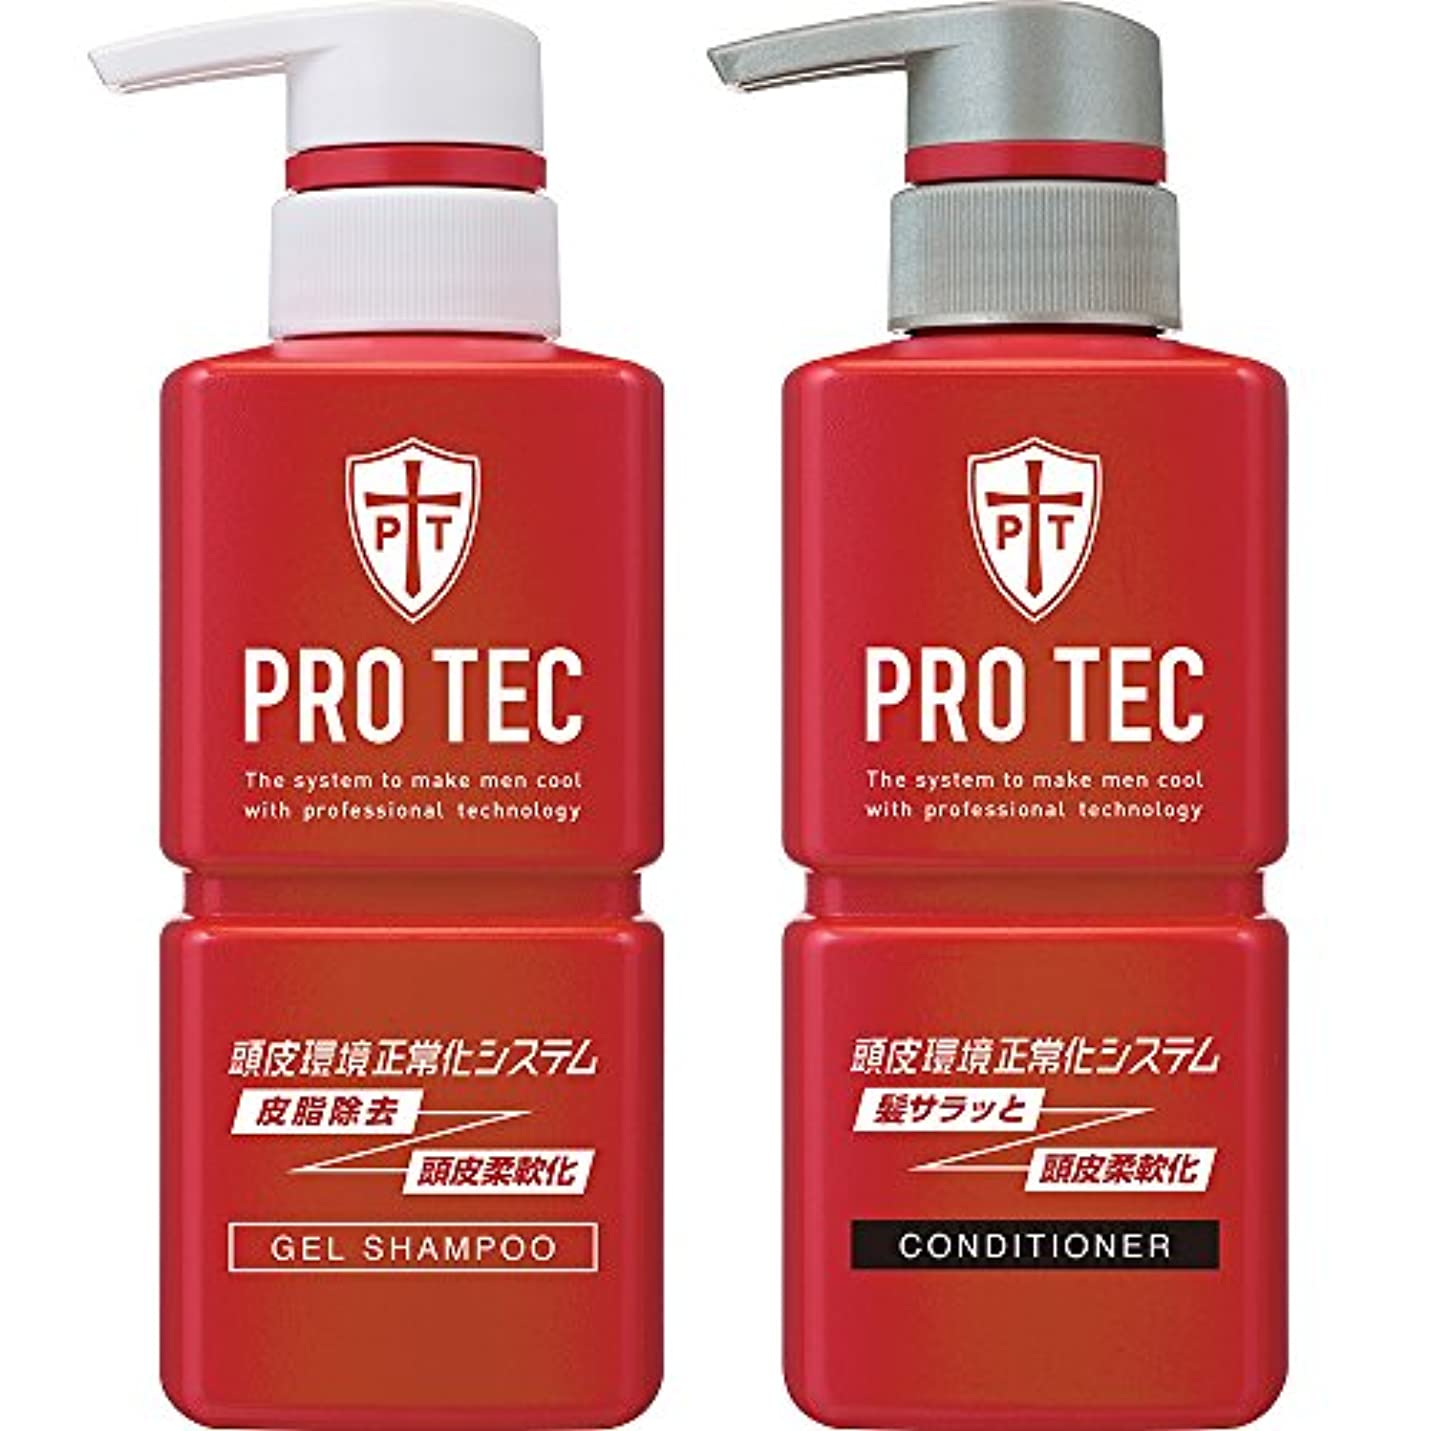 薄いです原油スピーカーPRO TEC(プロテク) 頭皮ストレッチ シャンプー ポンプ 300g(医薬部外品)+ コンディショナー ポンプ 300g